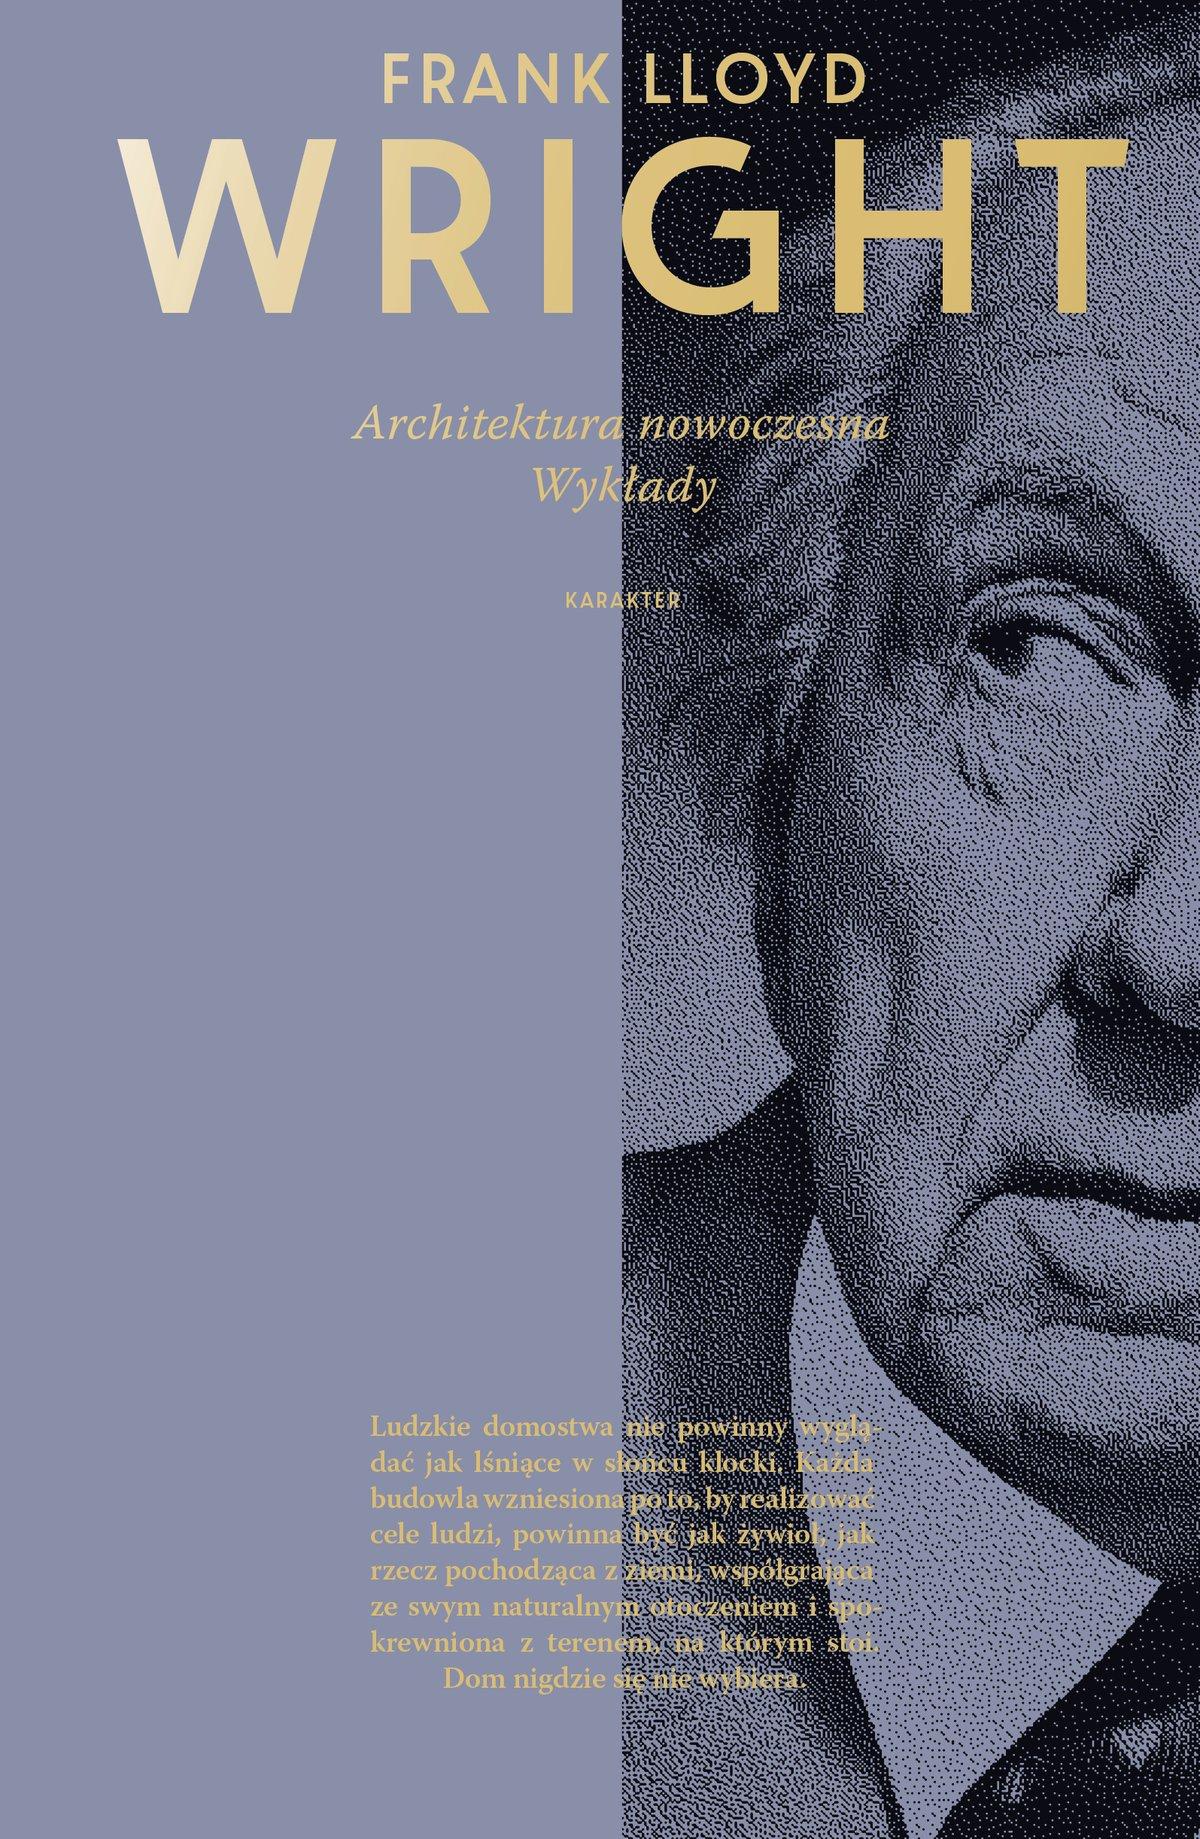 Architektura nowoczesna - Ebook (Książka EPUB) do pobrania w formacie EPUB